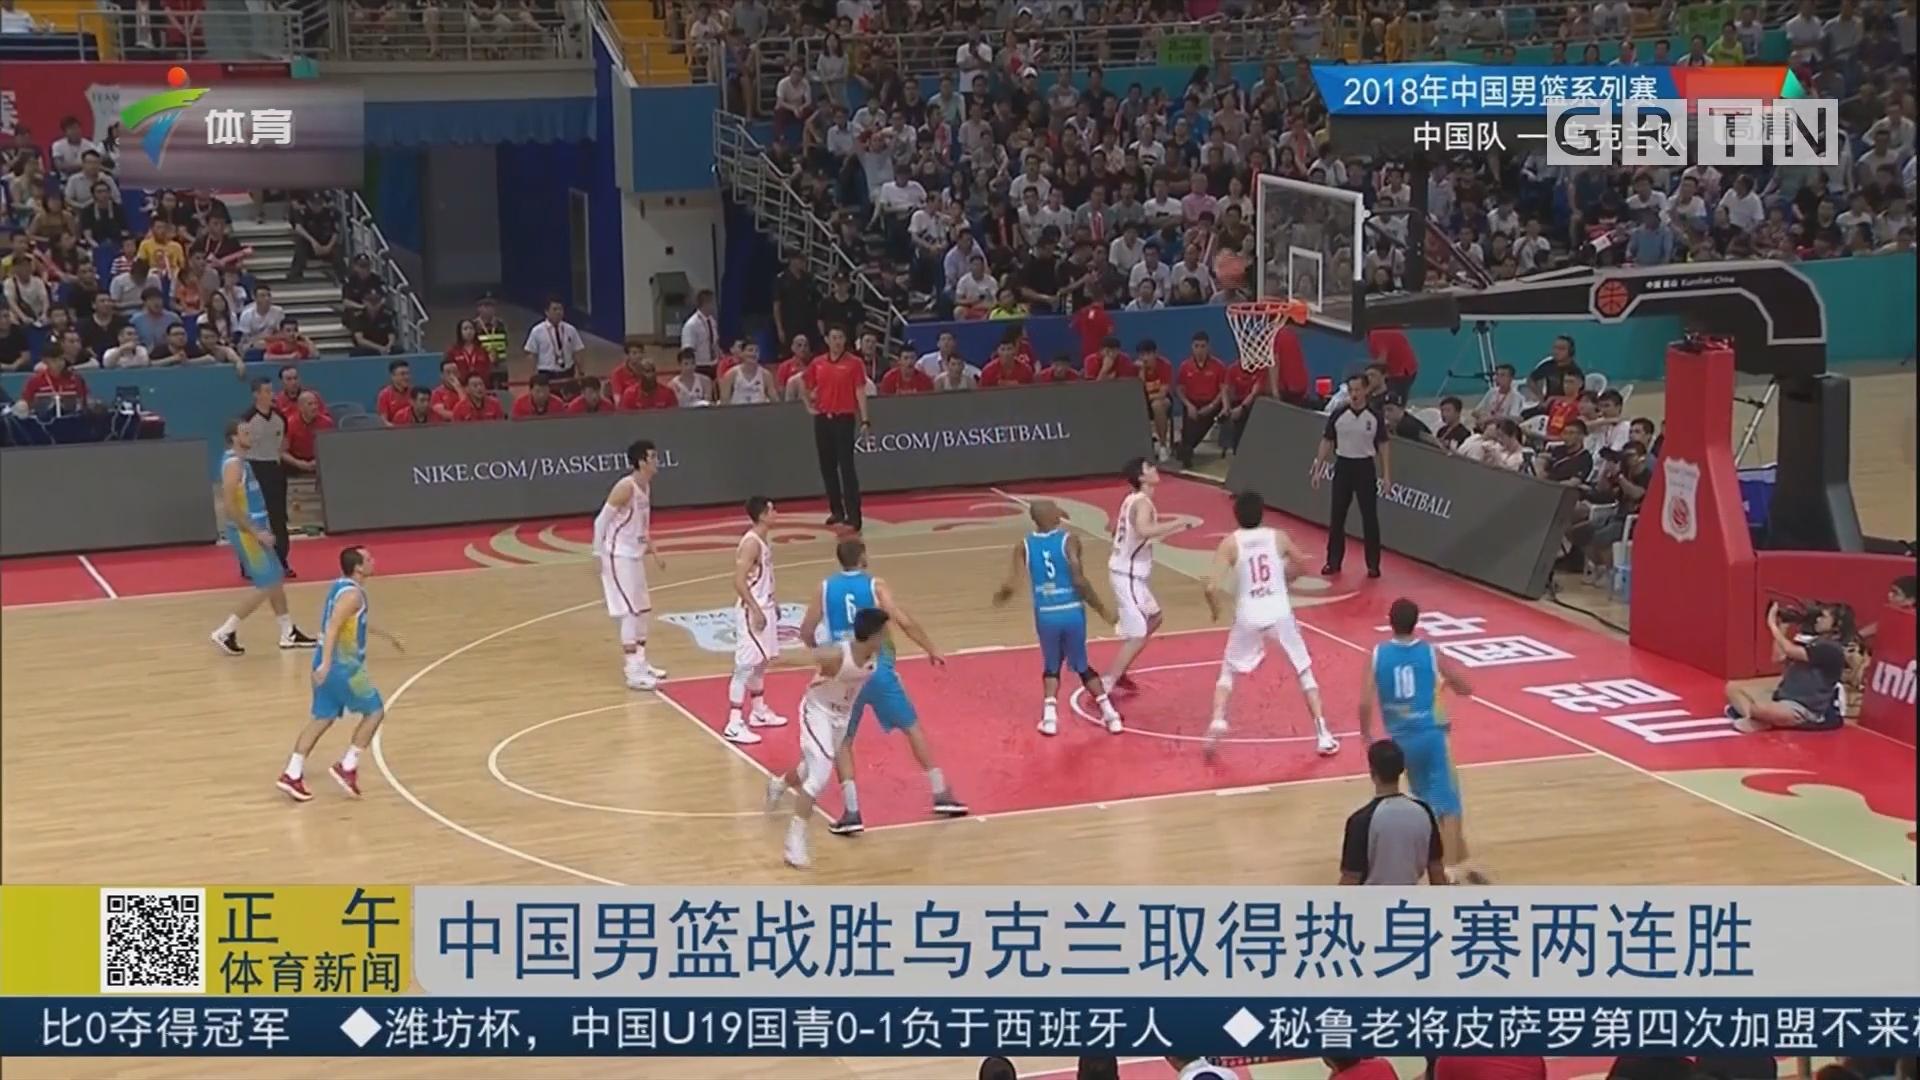 中国男篮战胜乌克兰取得热身赛两连胜